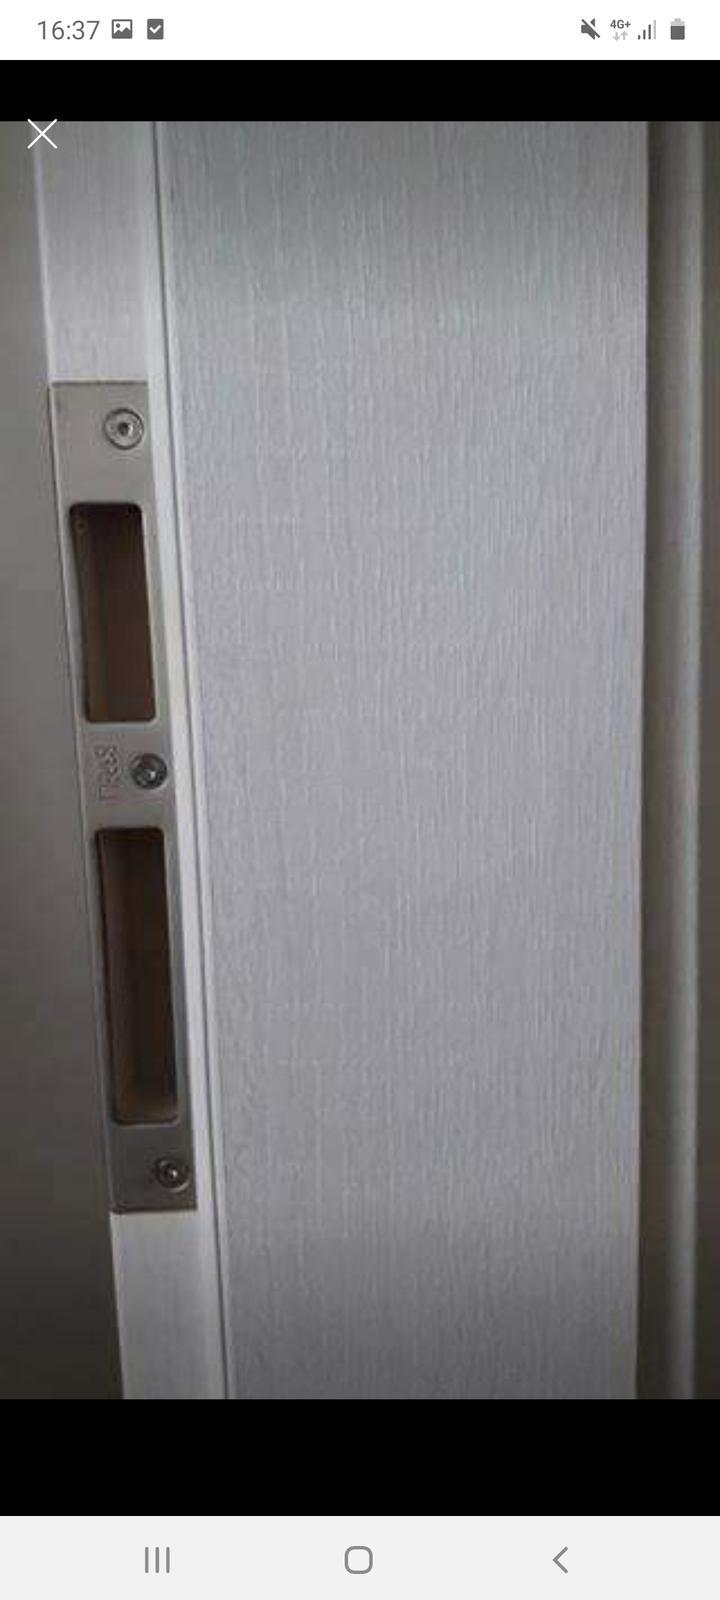 interierove dvere SAPELI (nemontovane) - Obrázok č. 2